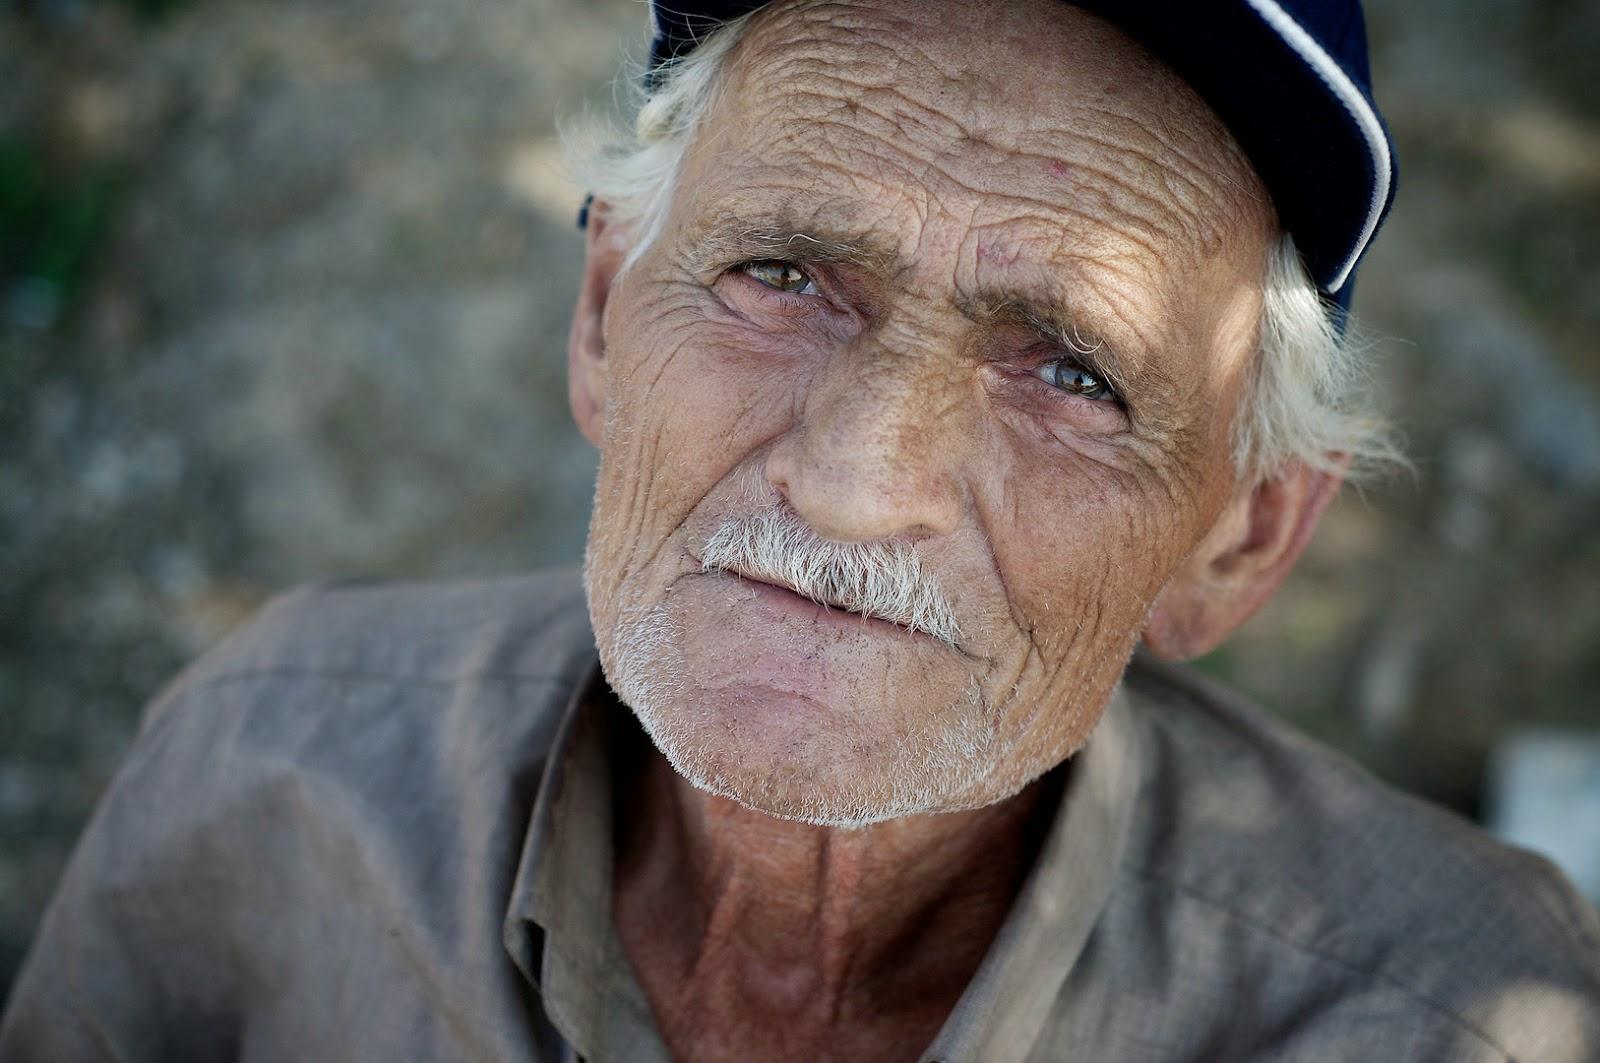 صورة صور رجل عجوز , يا رب ارحمنا فى الكبر و قوينا